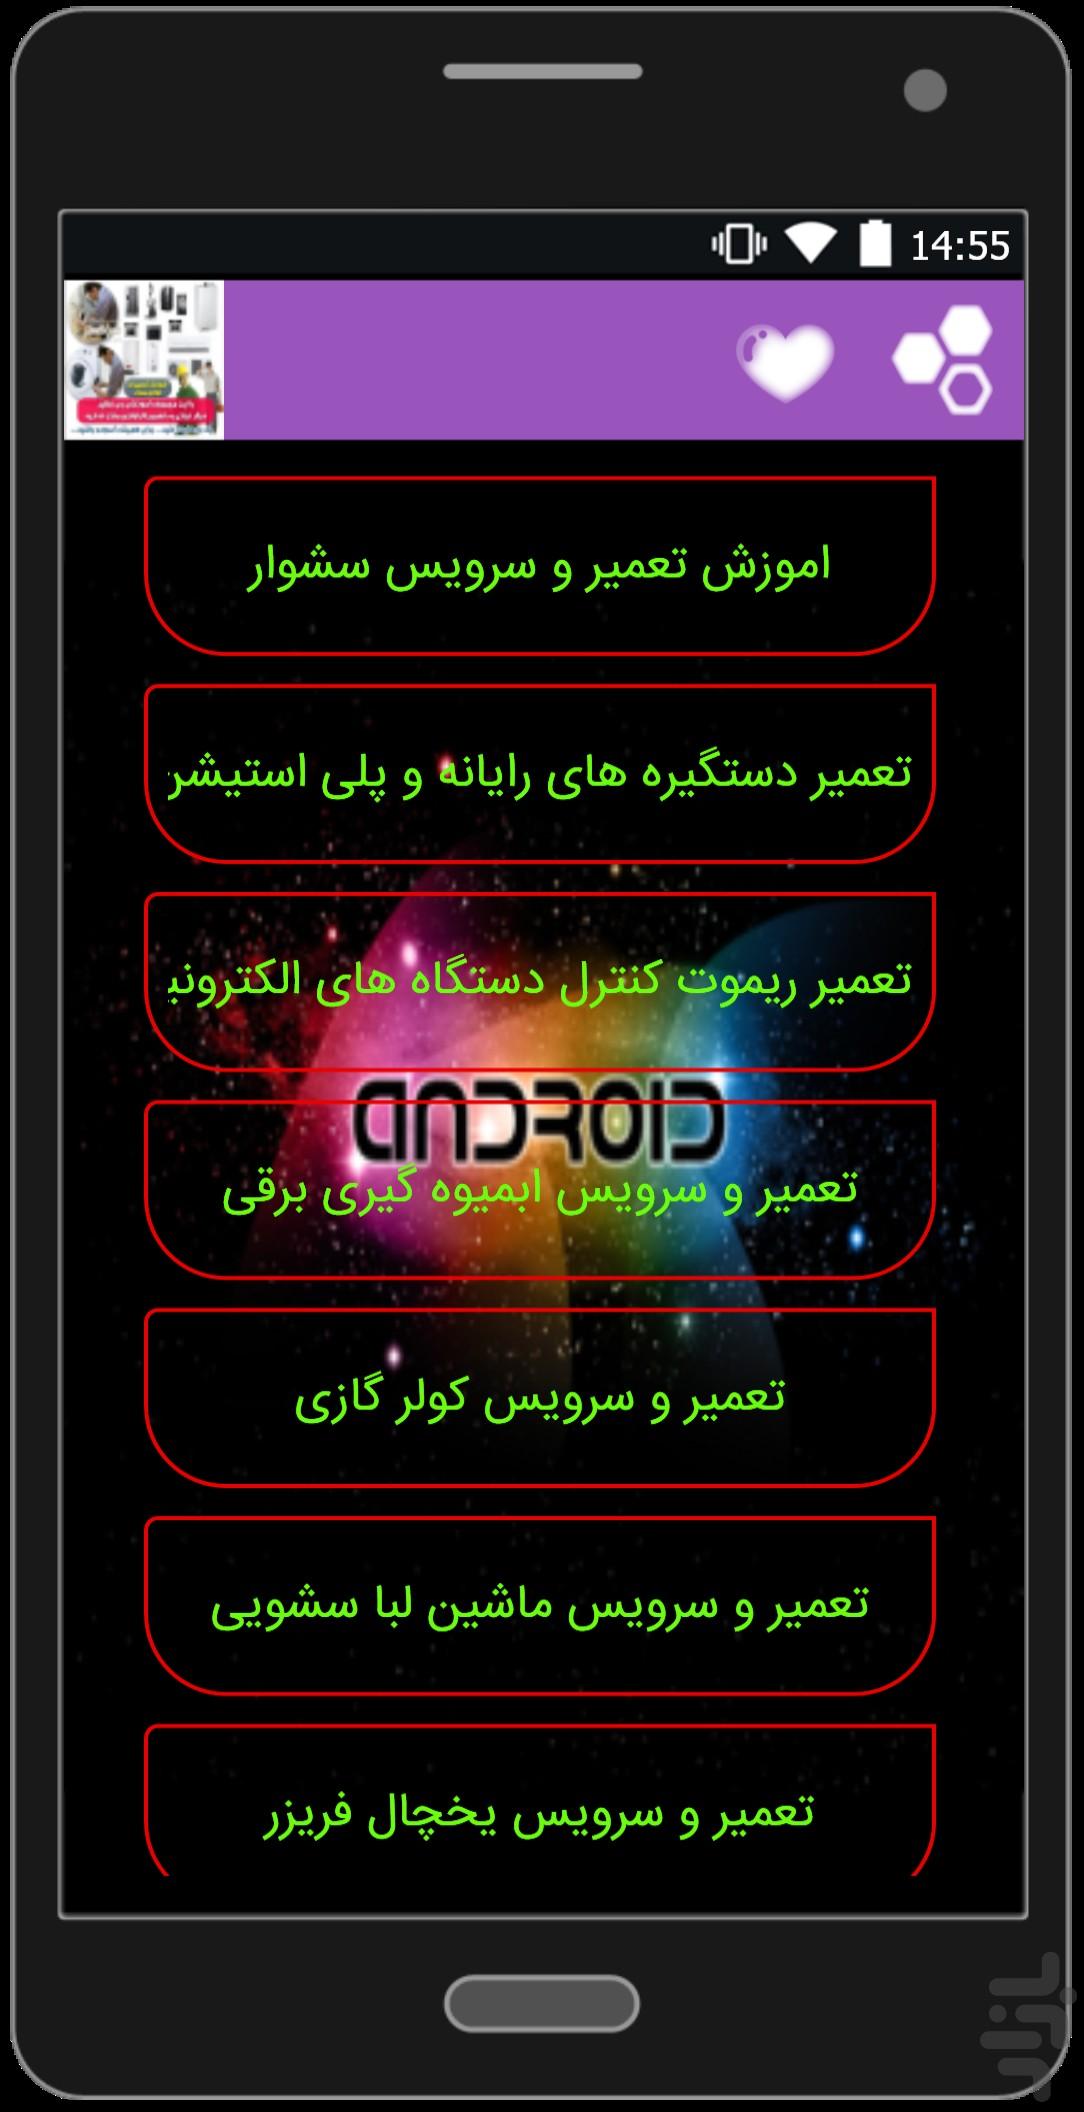 درآمد کار با نیسان یخچالدار ب و کار ید و فروش...